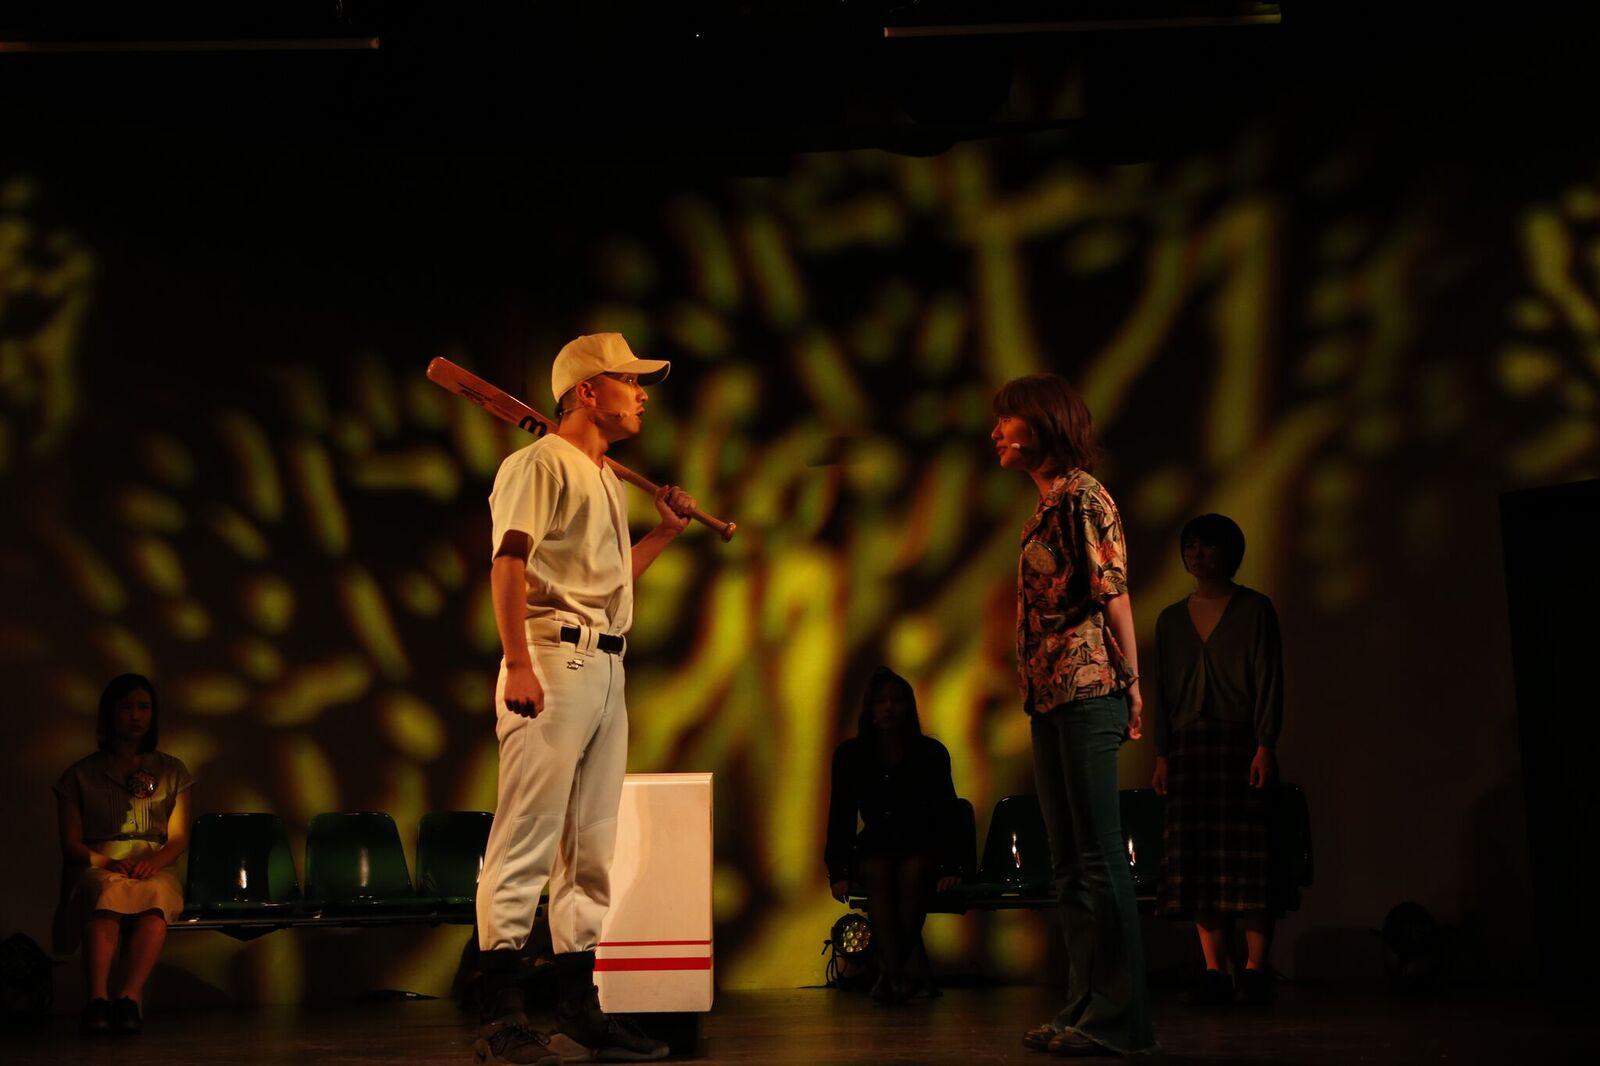 劇団4ドル50セント 週末定期公演 Vol.1舞台写真8